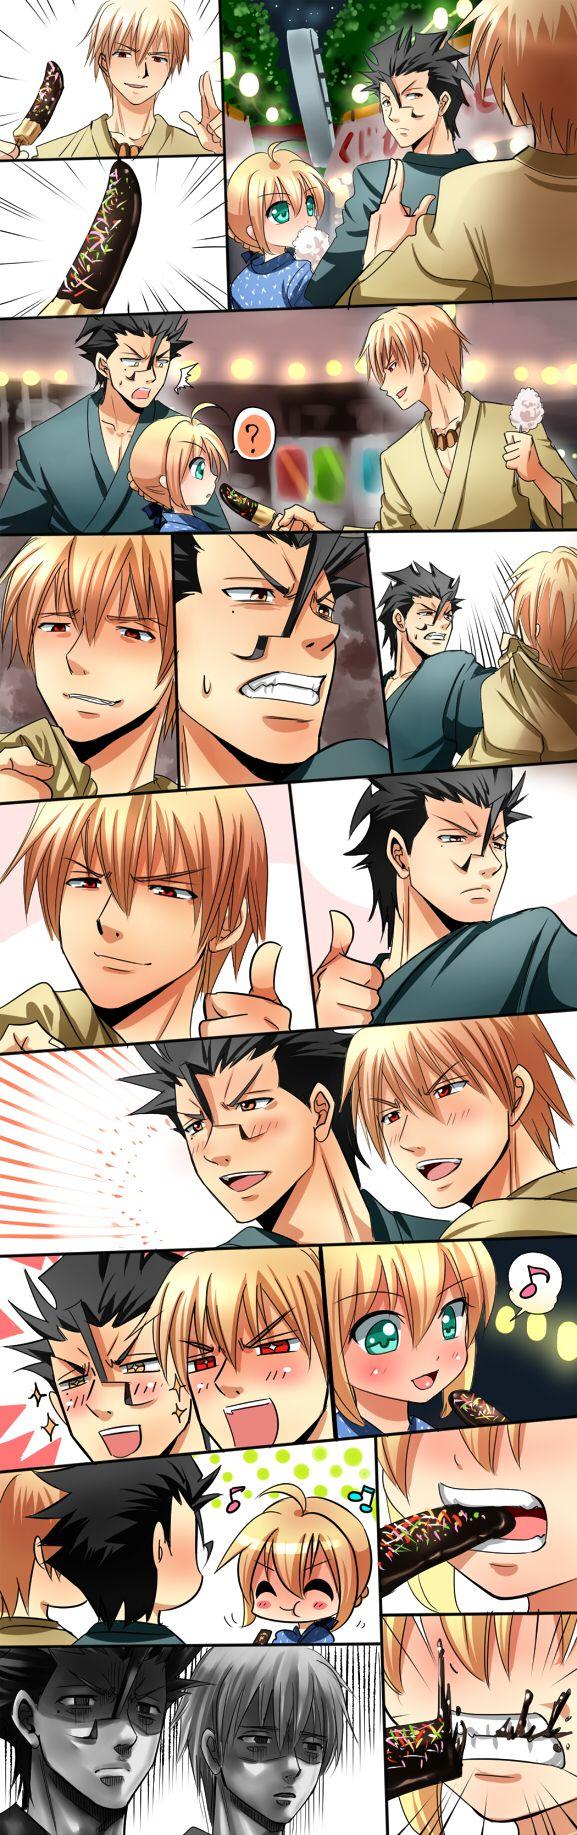 Lancer Saber and Archer Fate/Zero